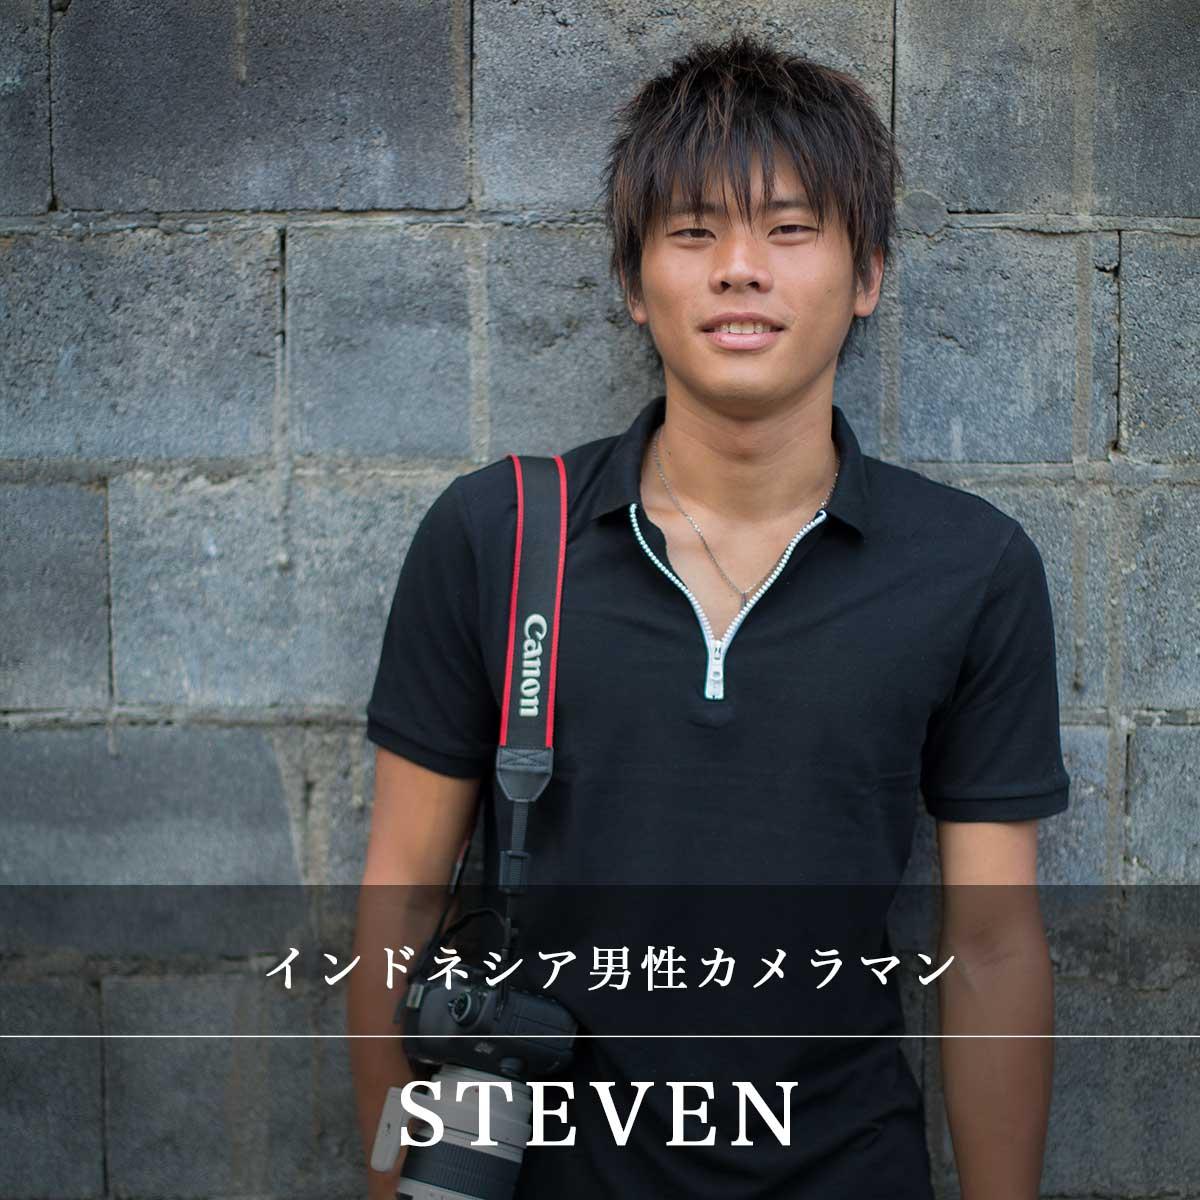 steven-sq